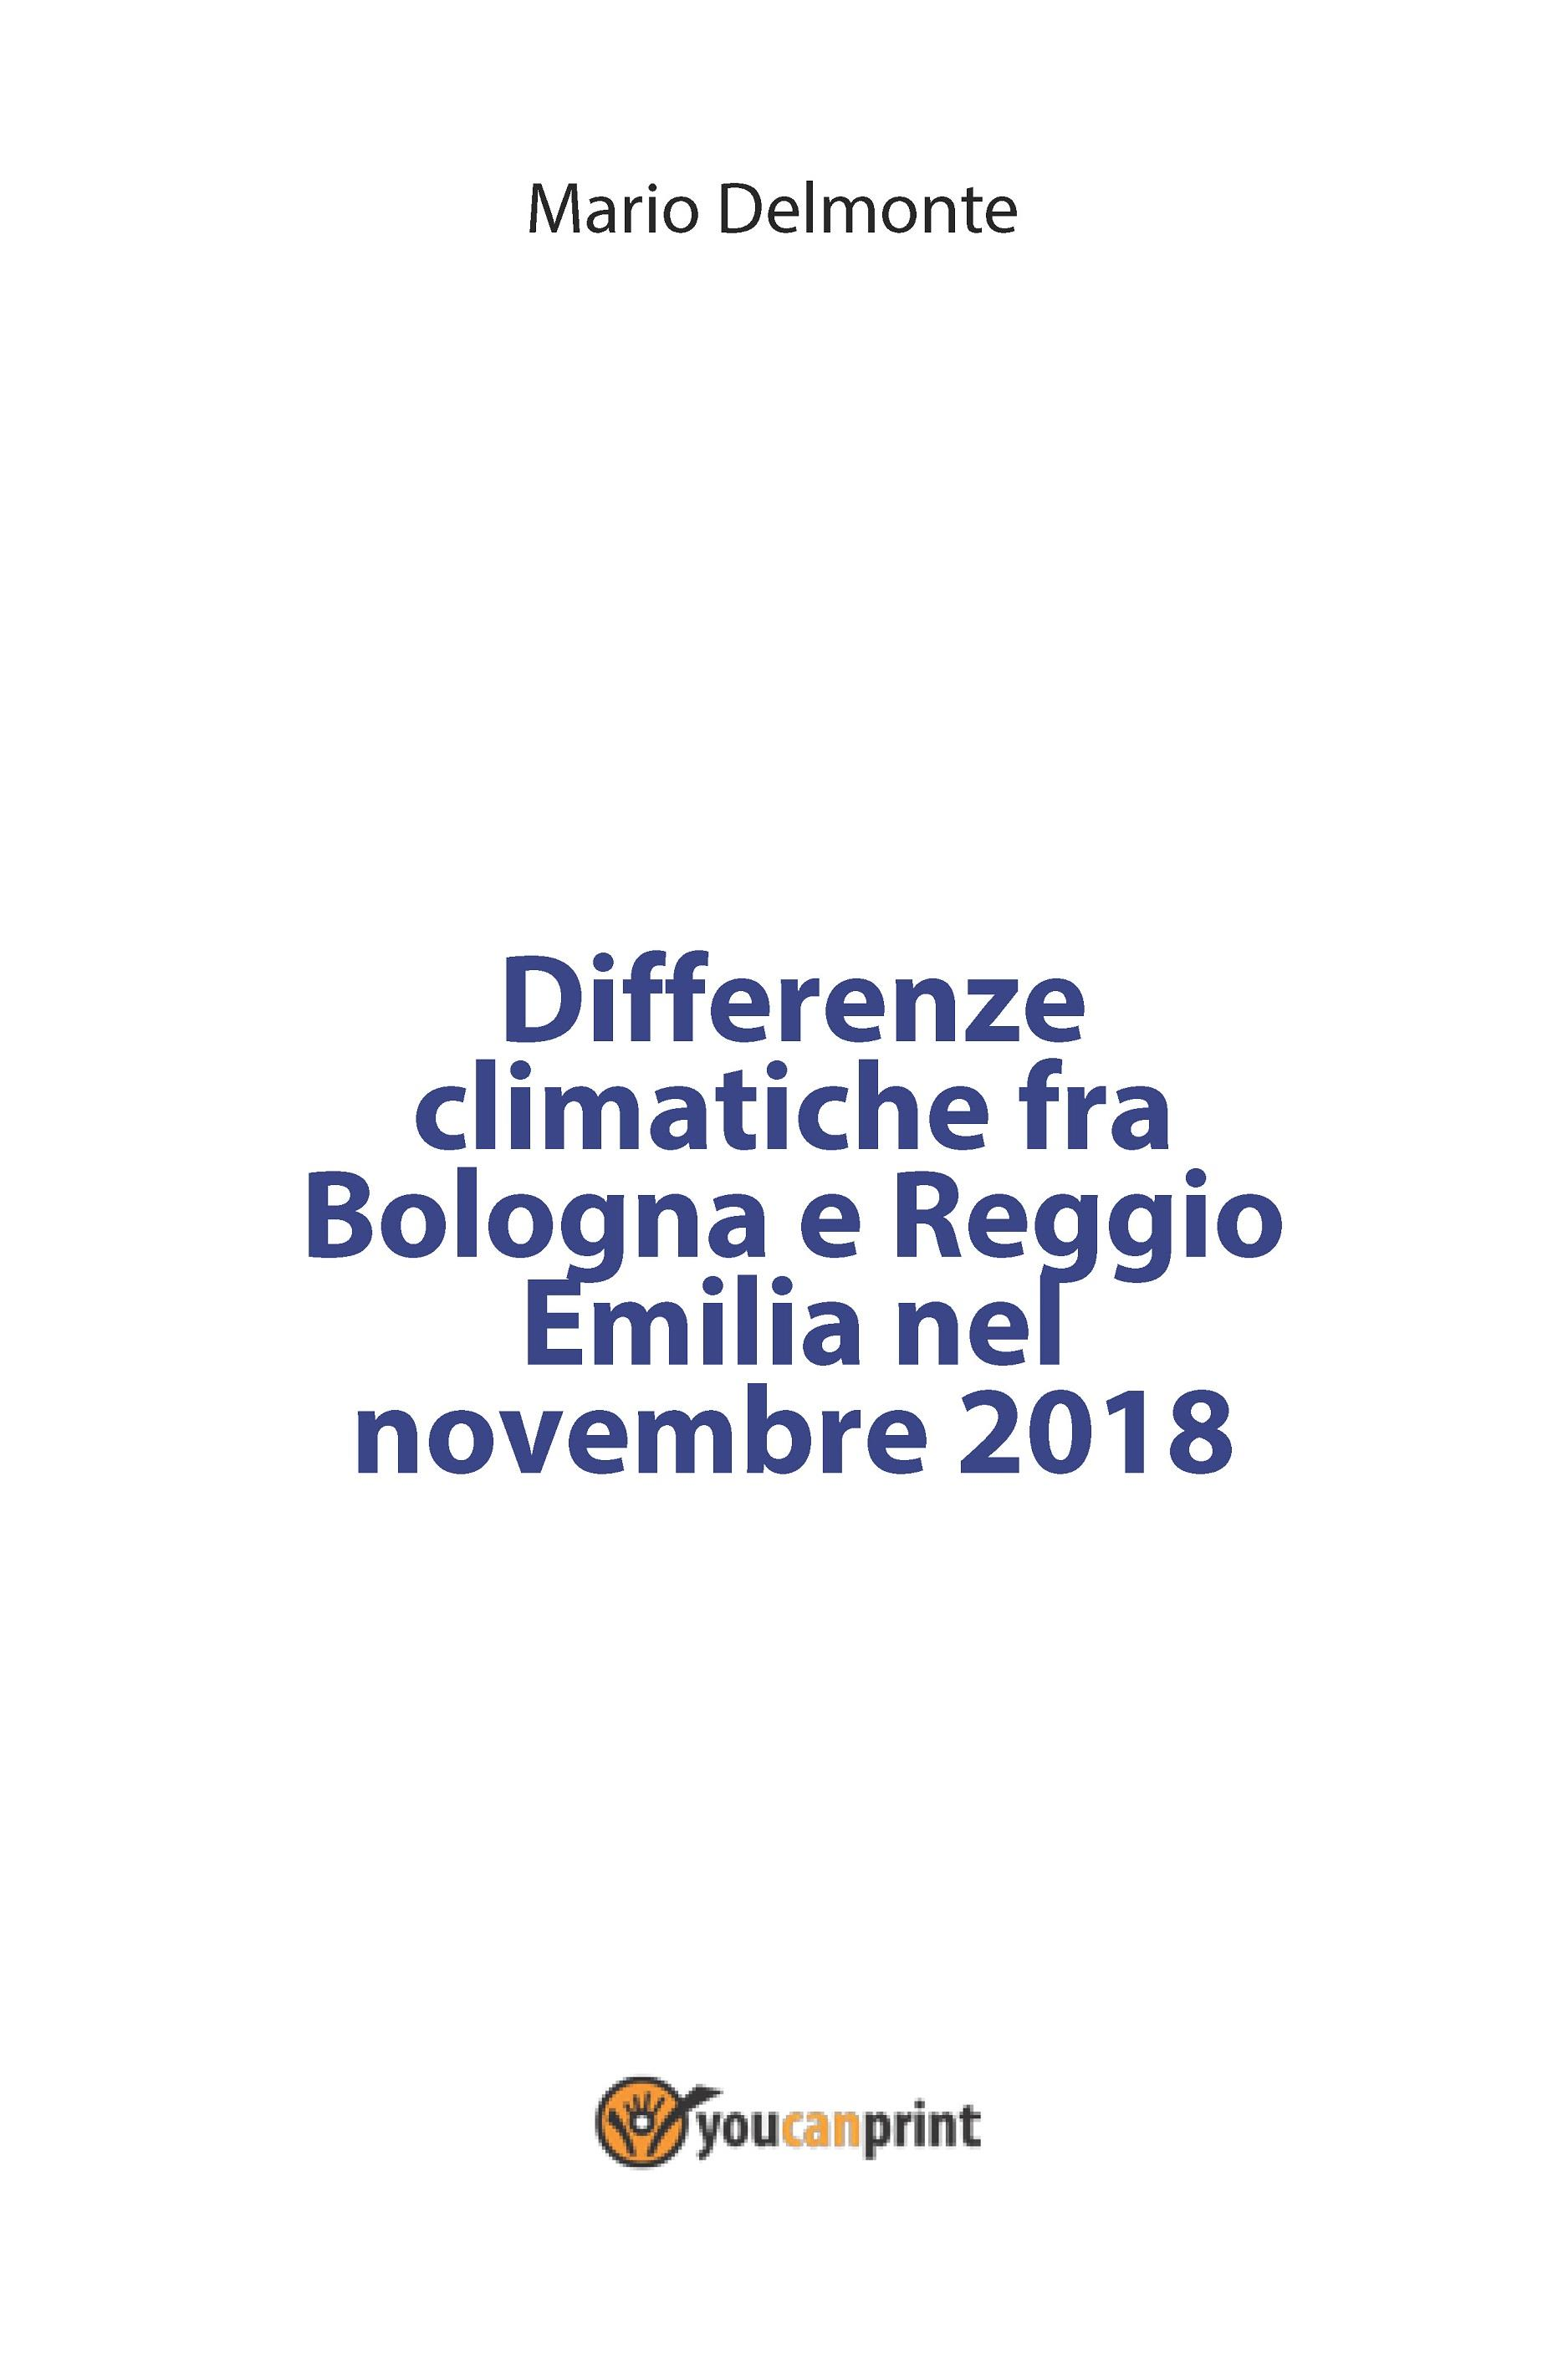 Differenze climatiche fra Bologna e Reggio Emilia nel novembre 2018